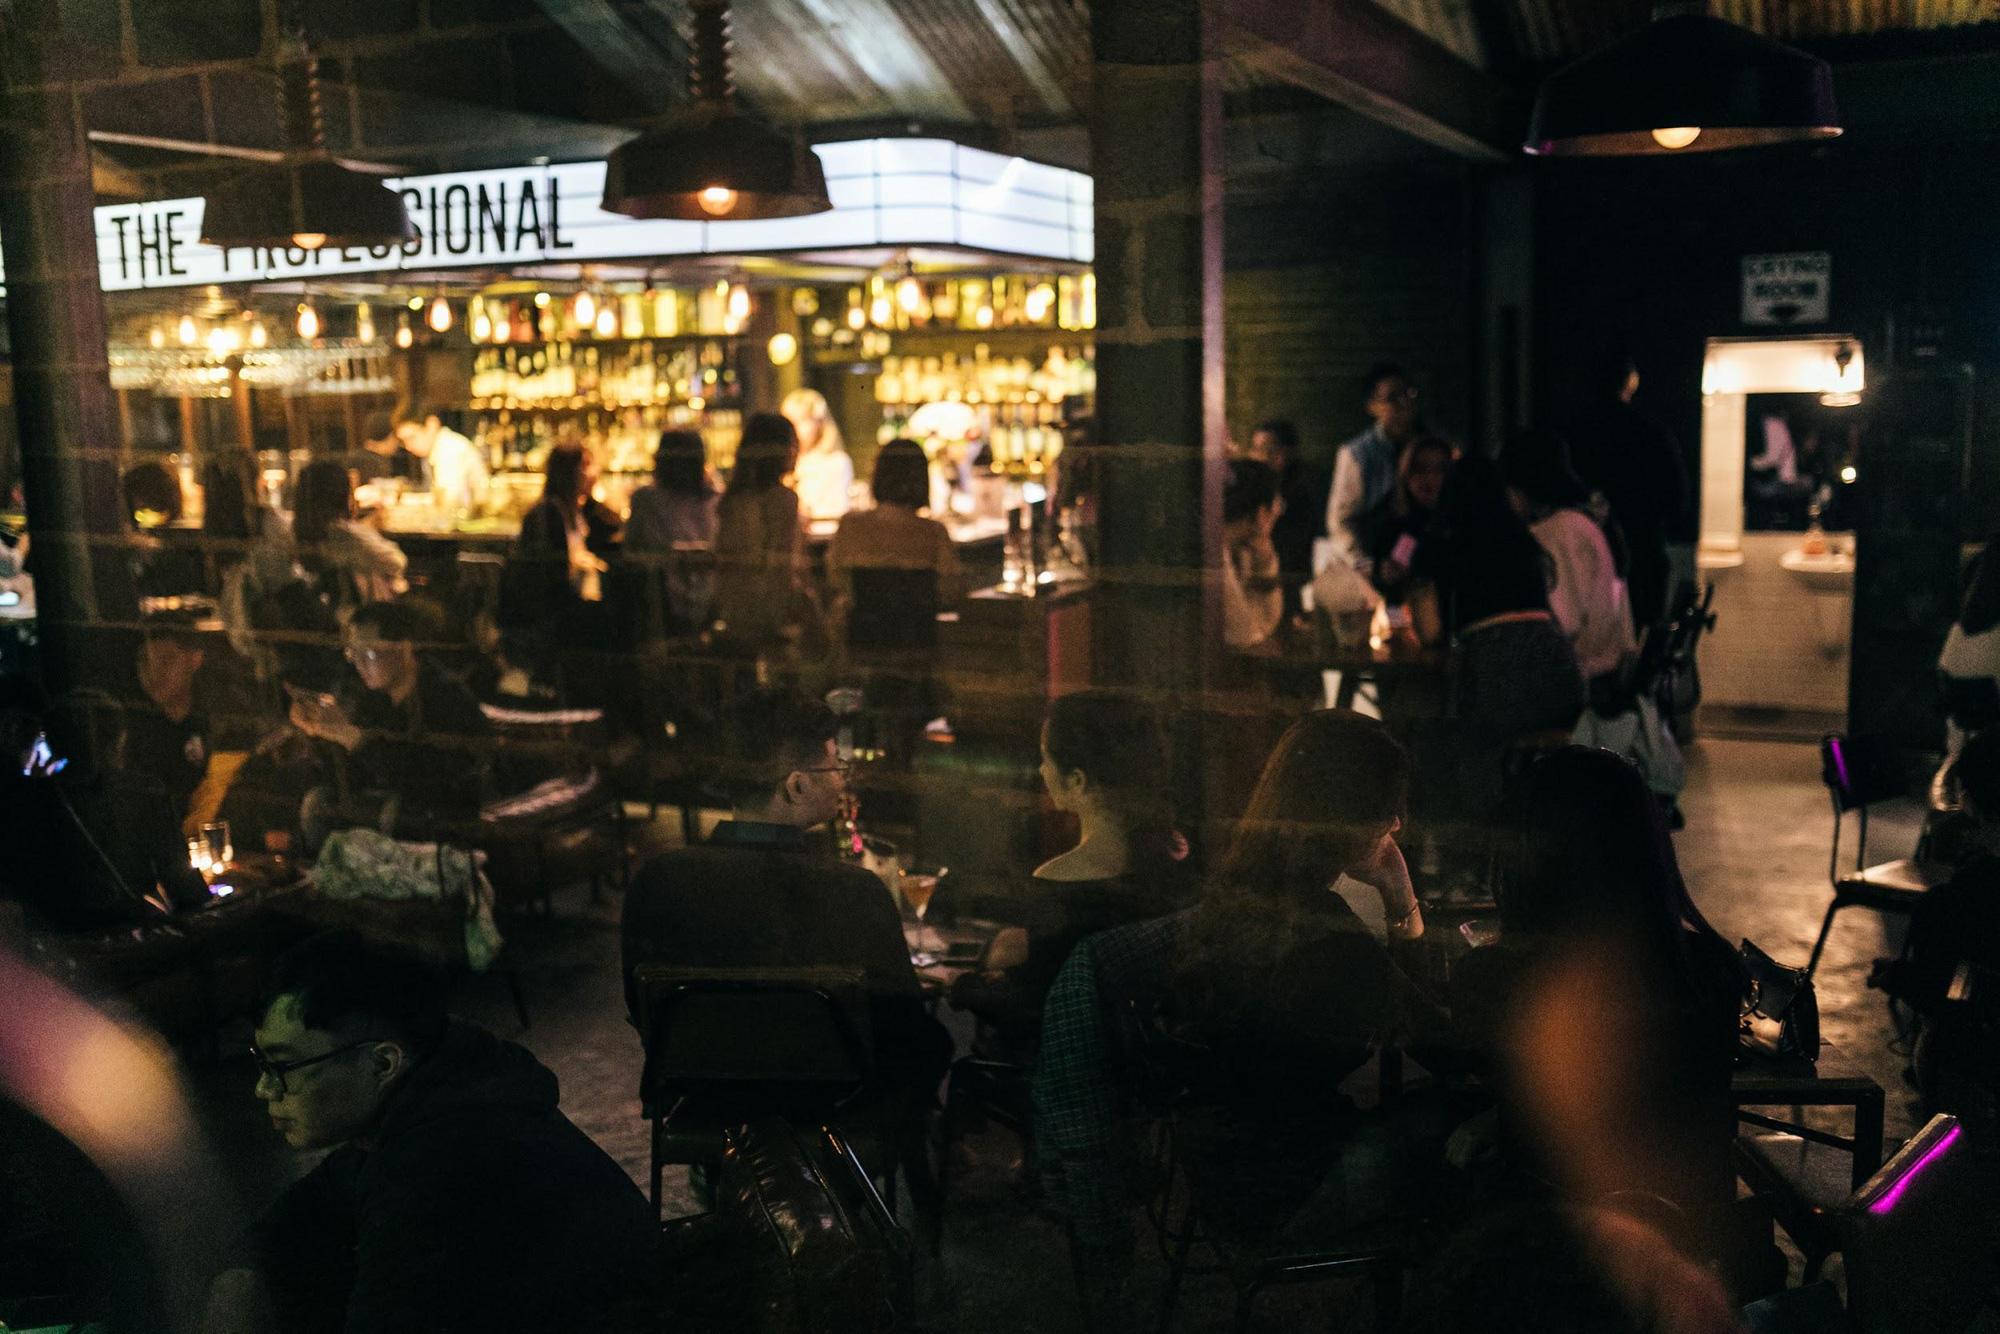 Léon: Quán cocktails mang phong cách rạp phim nhất định phải đến một lần - Ảnh 1.